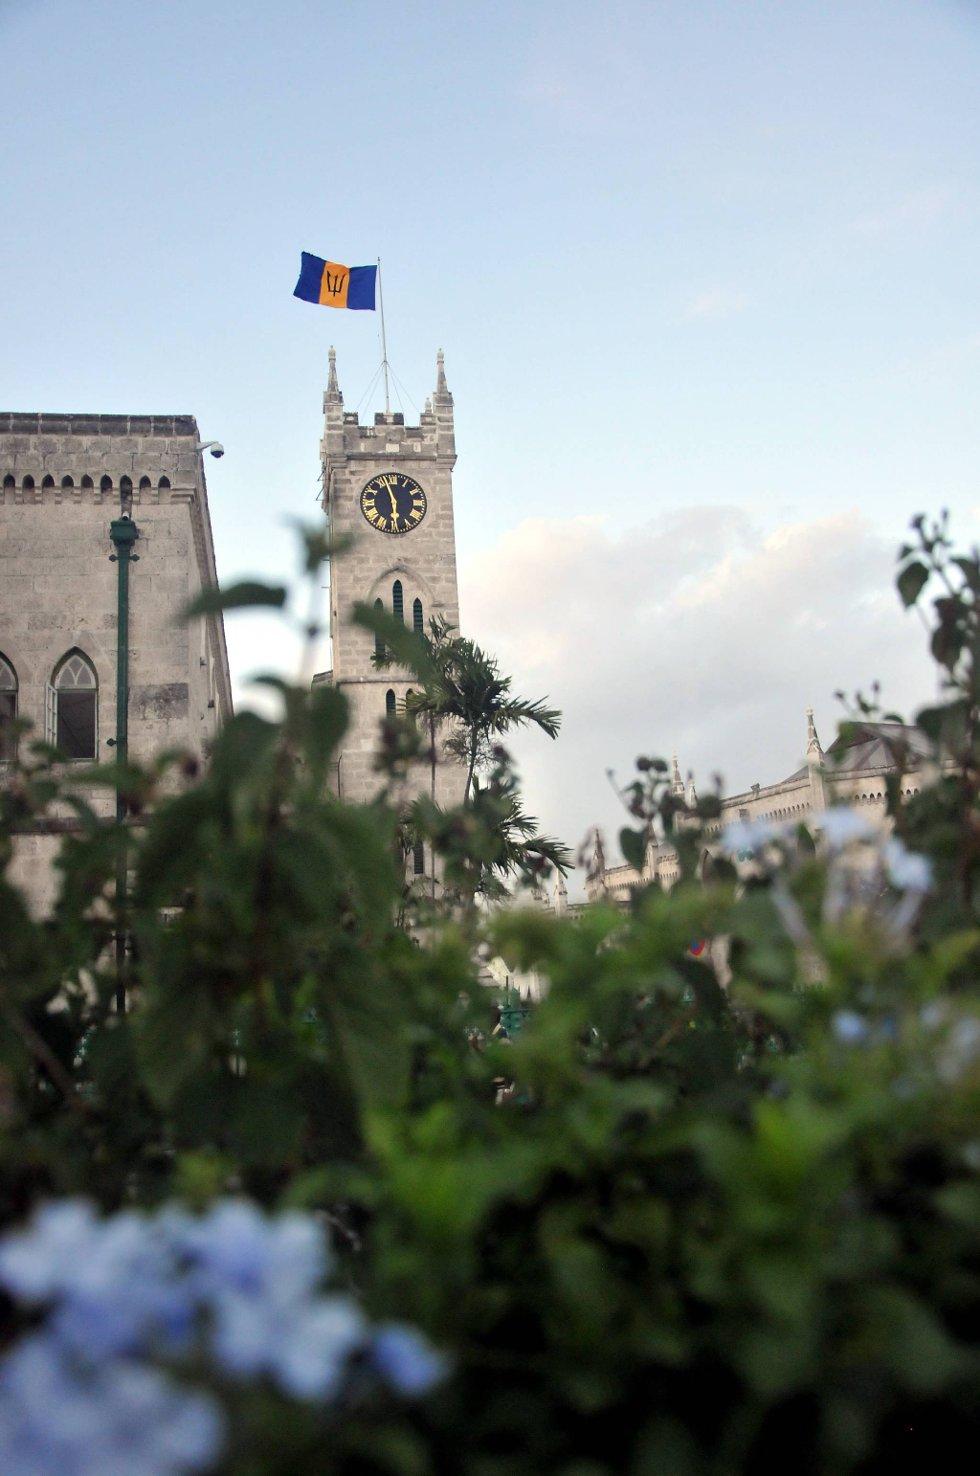 Barbados er en tidligere britisk koloni. Hovedstaden, Bridgetown, har klart å bevare noe av den engelske stilen i arkitekturen. Dette er parlamentet midt i byen, som minner veldig om Big Ben i London.  (Foto: Terje Alstad, ANB)